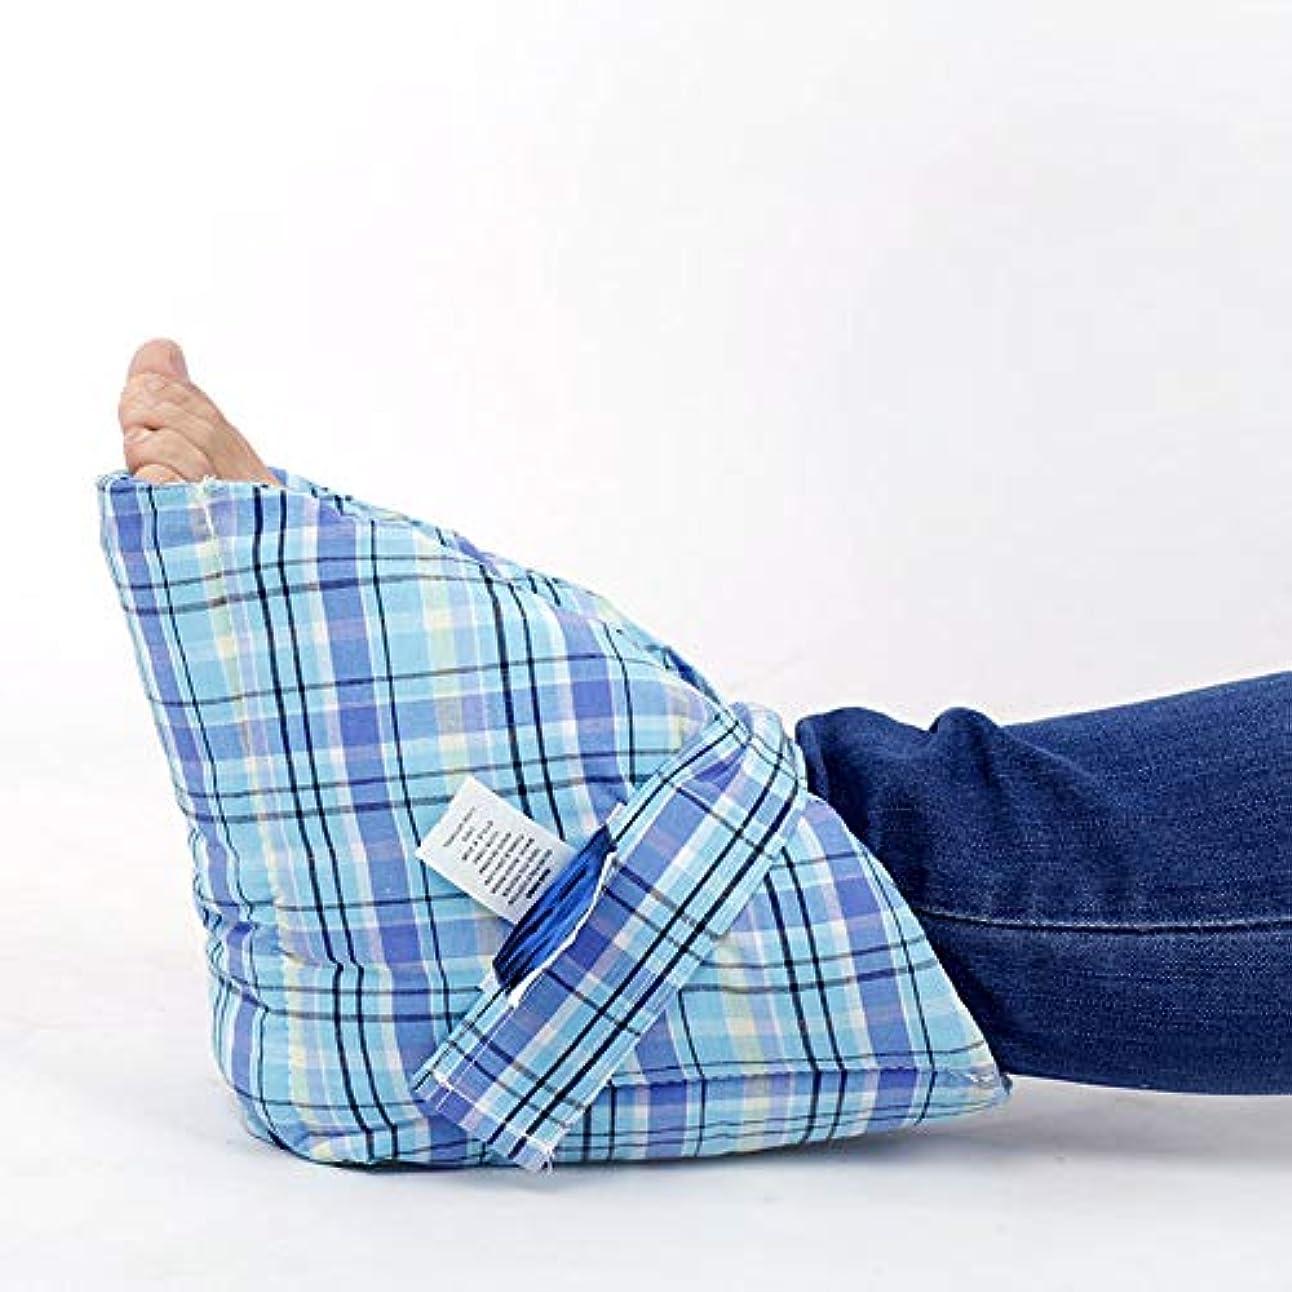 履歴書カリング移行する抗床ずれヒールプロテクター枕、圧力緩和ヒールプロテクター、患者ケアヒールパッド足首プロテクタークッション、効果的な床ずれおよび足潰瘍緩和フットピロー (1PCS)